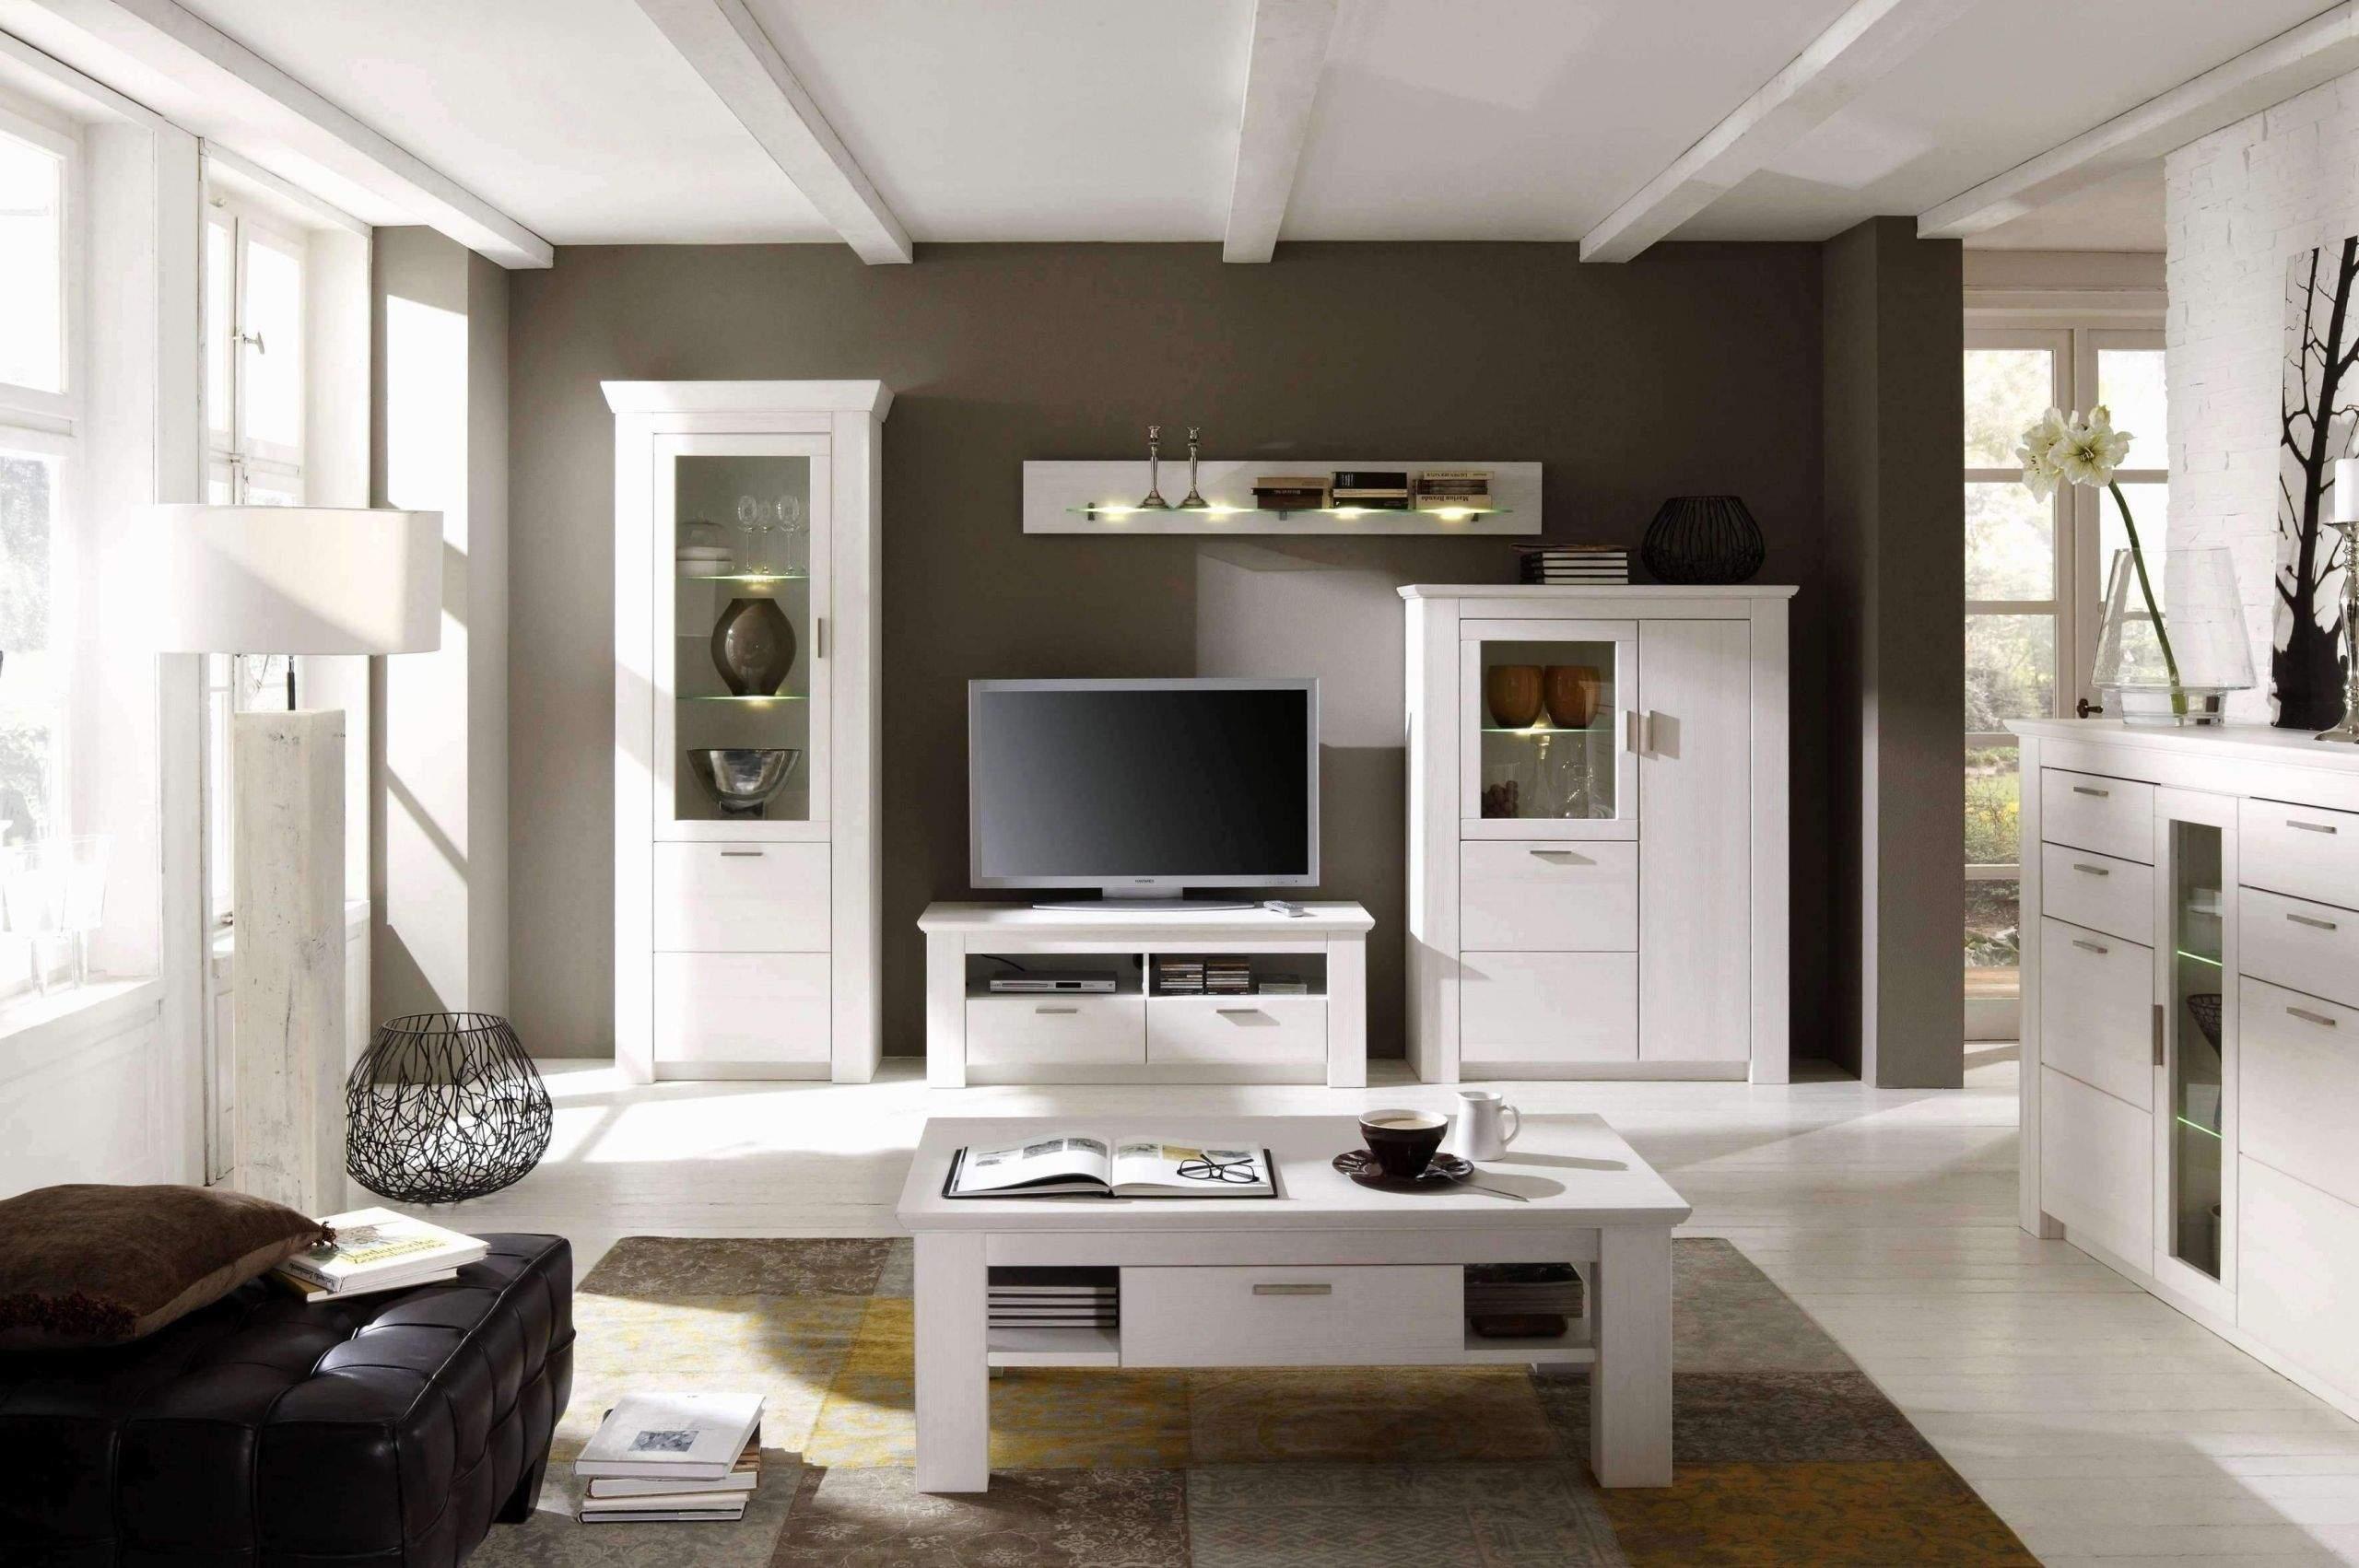 wohnzimmer regale inspirierend wohnzimmer regale design reizend luxury regal metall of wohnzimmer regale scaled